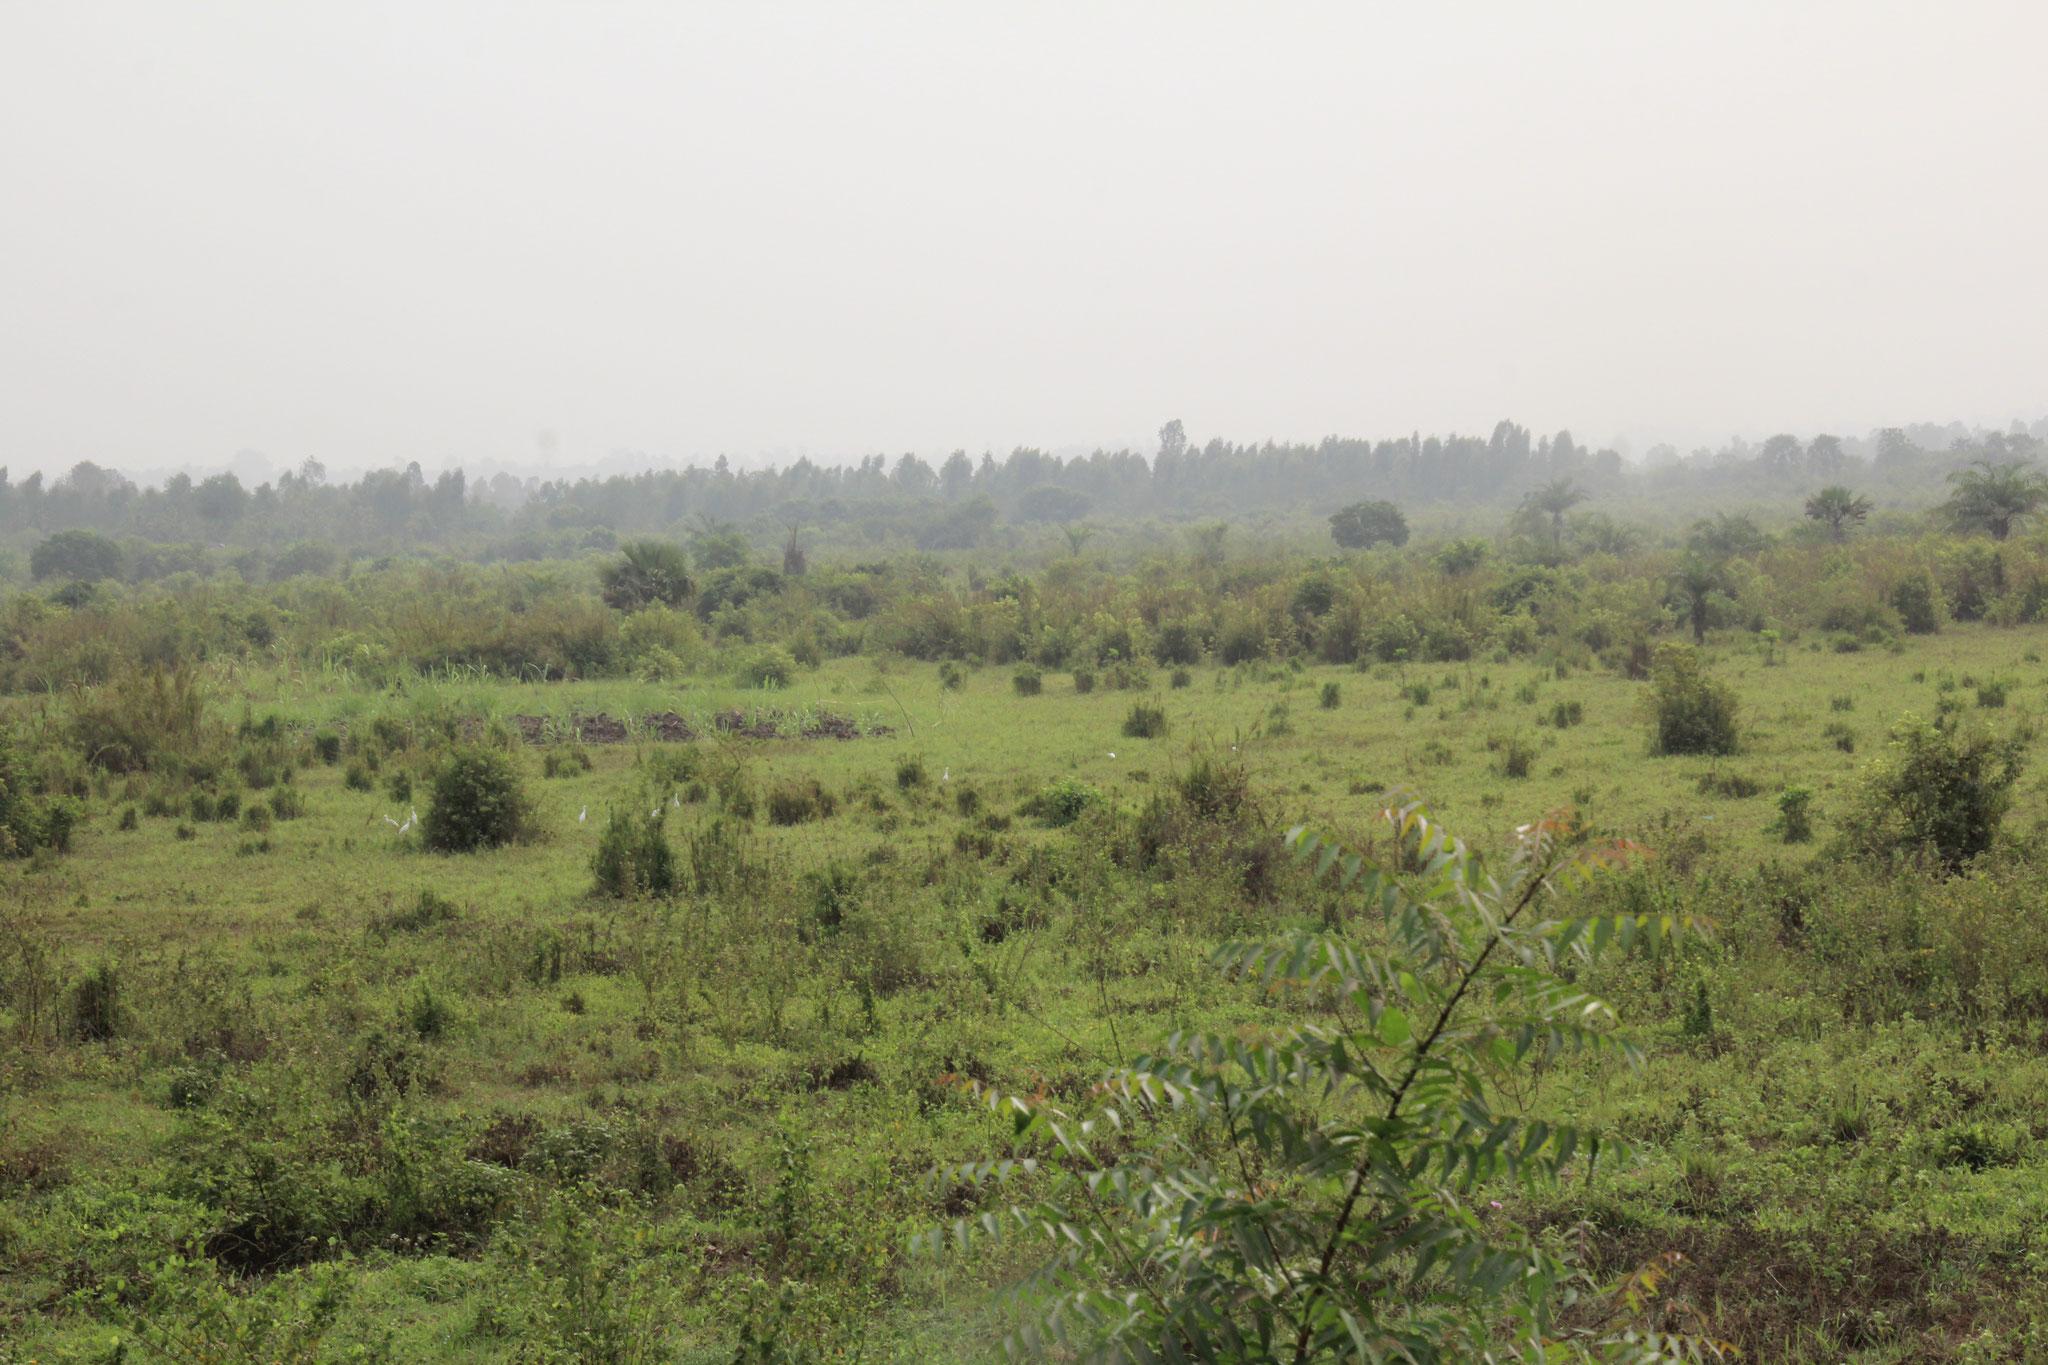 Schon 30 km nördlich sieht die Landschaft ganz anders aus. Das ist in der Nähe von Togblikope.